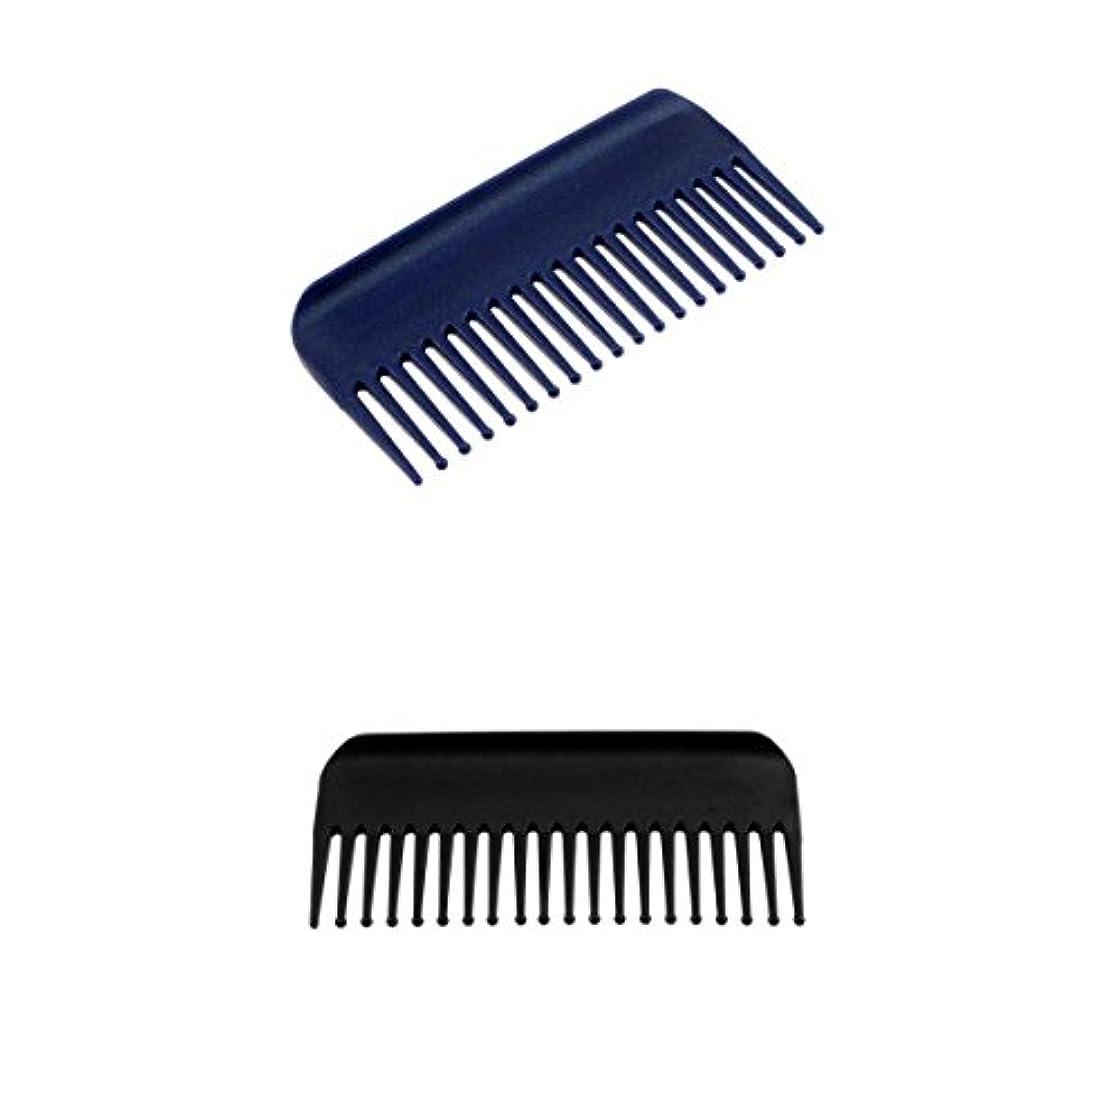 買収買収合併2個19歯解くこと髪くしヘアコンディショニングレーキくしワイド歯ヘアブラシサロン理容ツール